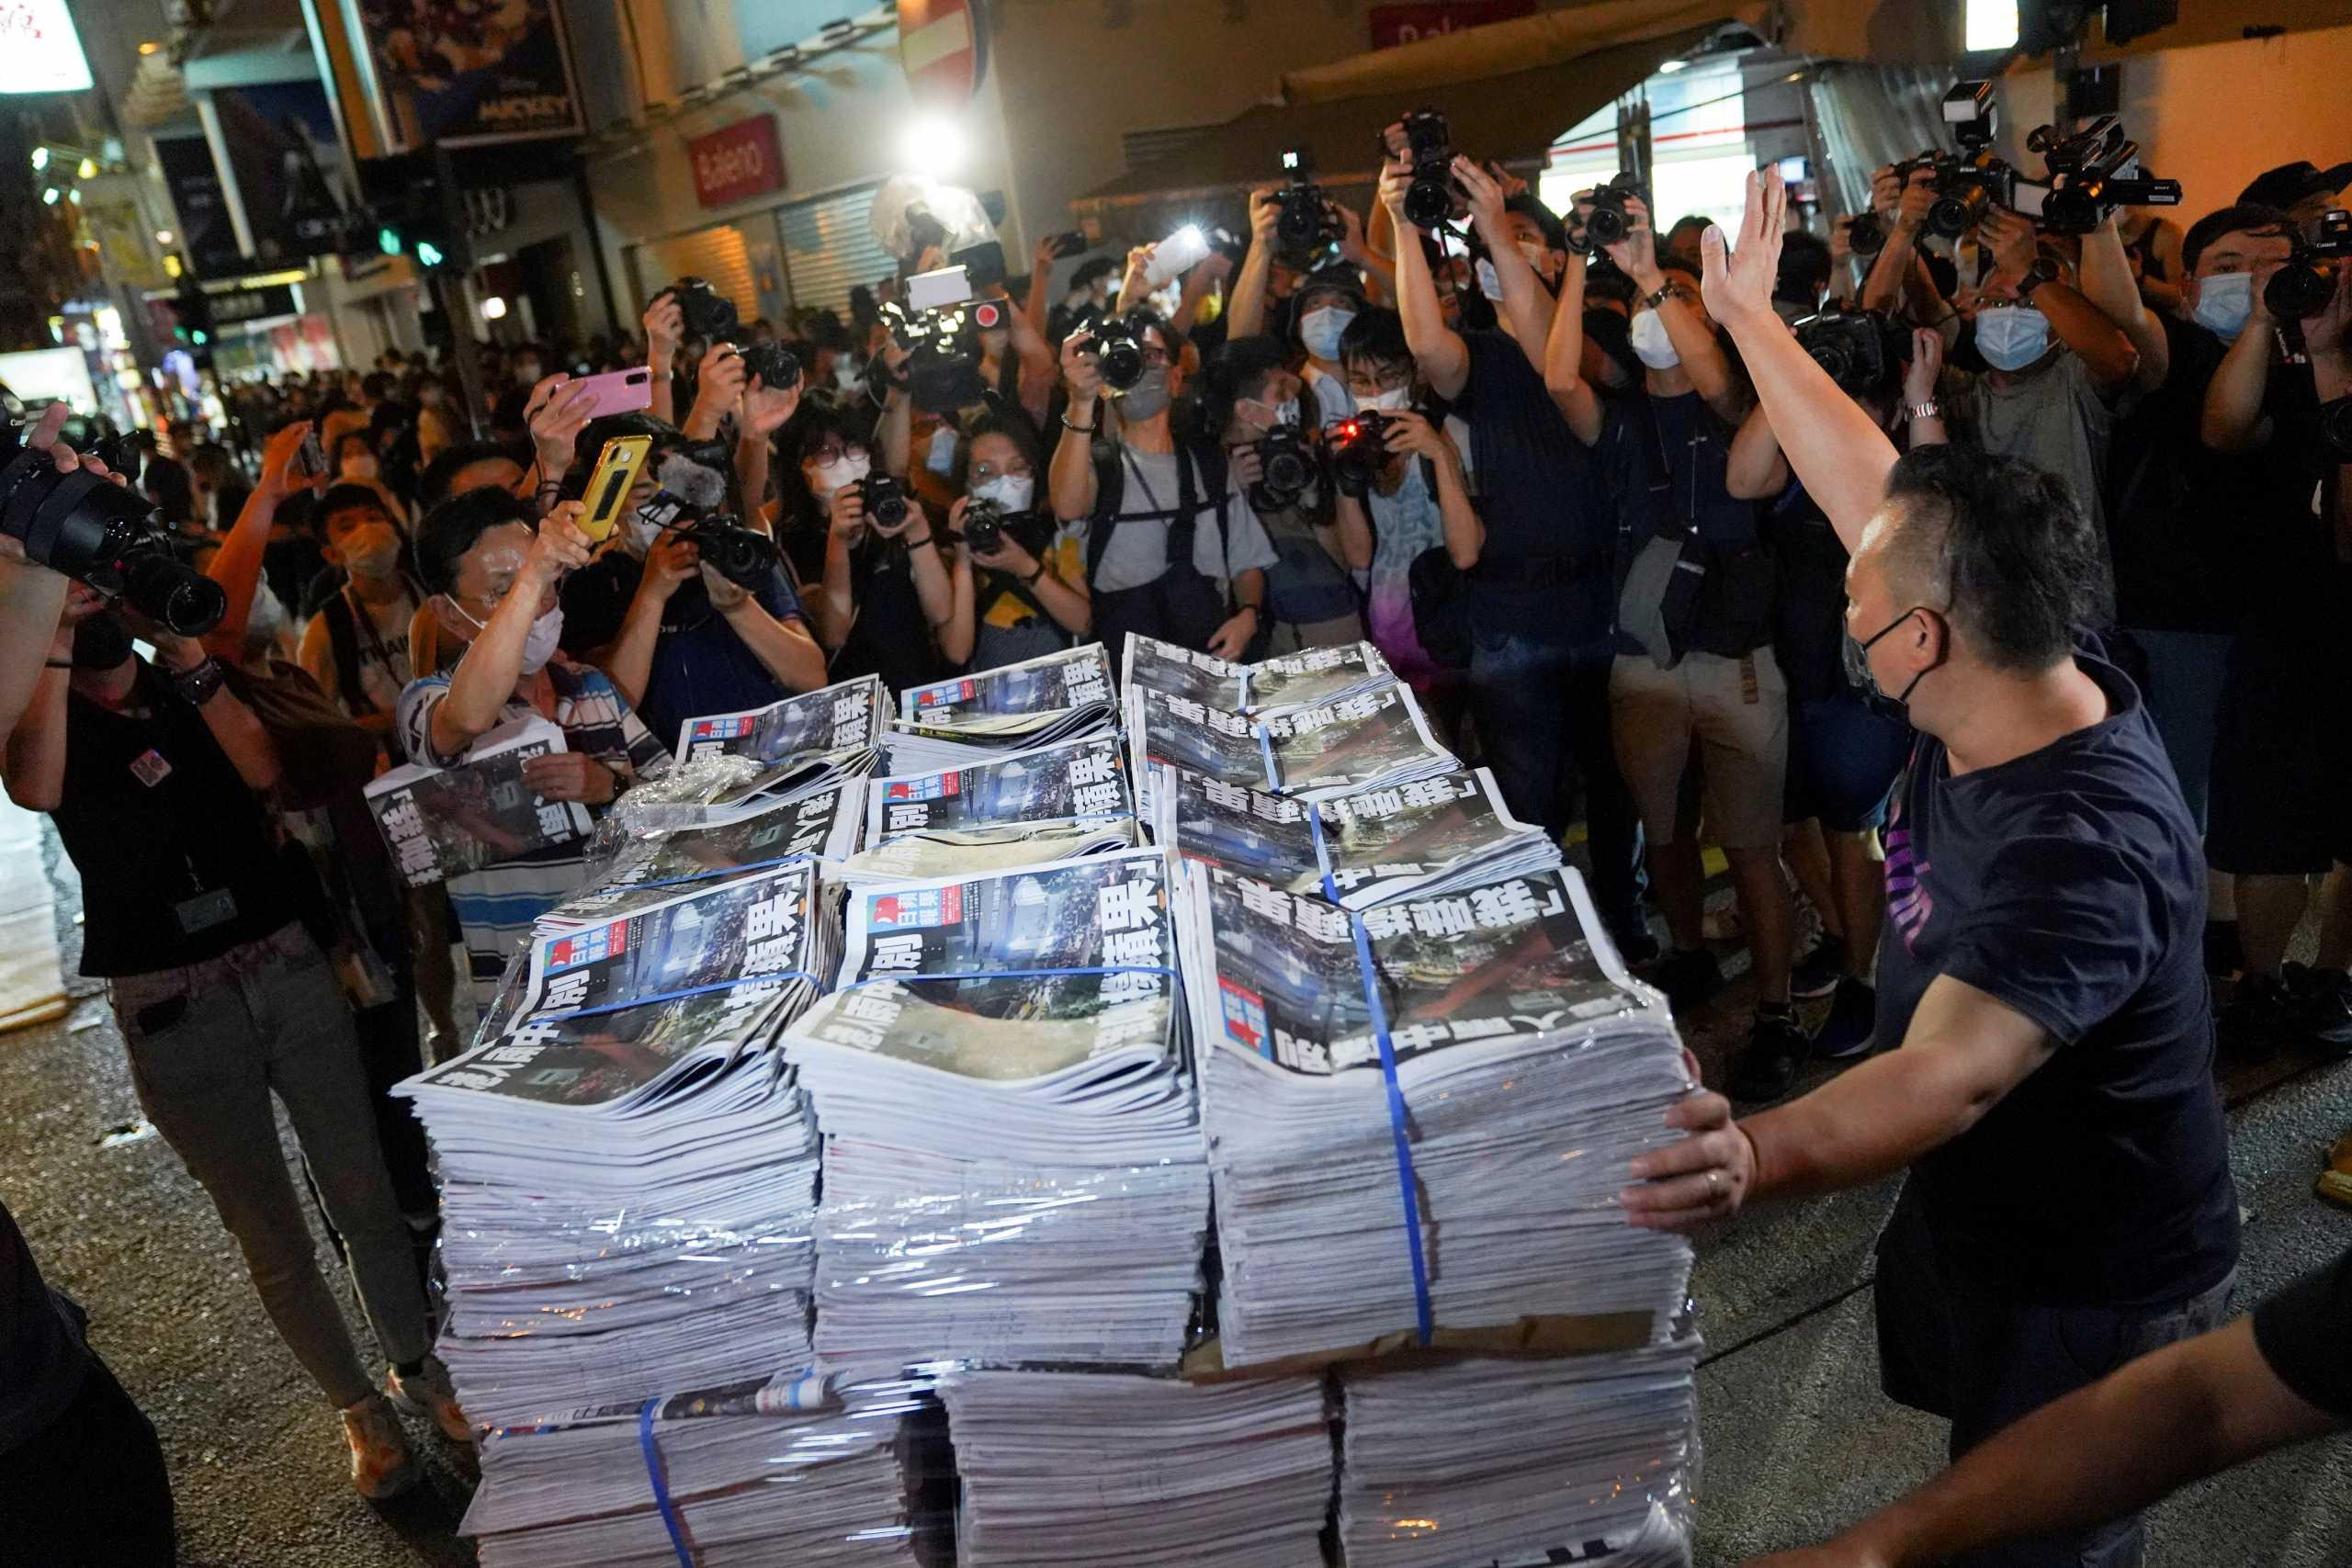 Χονγκ Κονγκ: Συνέλλαβαν κι άλλον εργαζόμενο της εφημερίδας που έκλεισε για λόγους «εθνικής ασφαλείας»